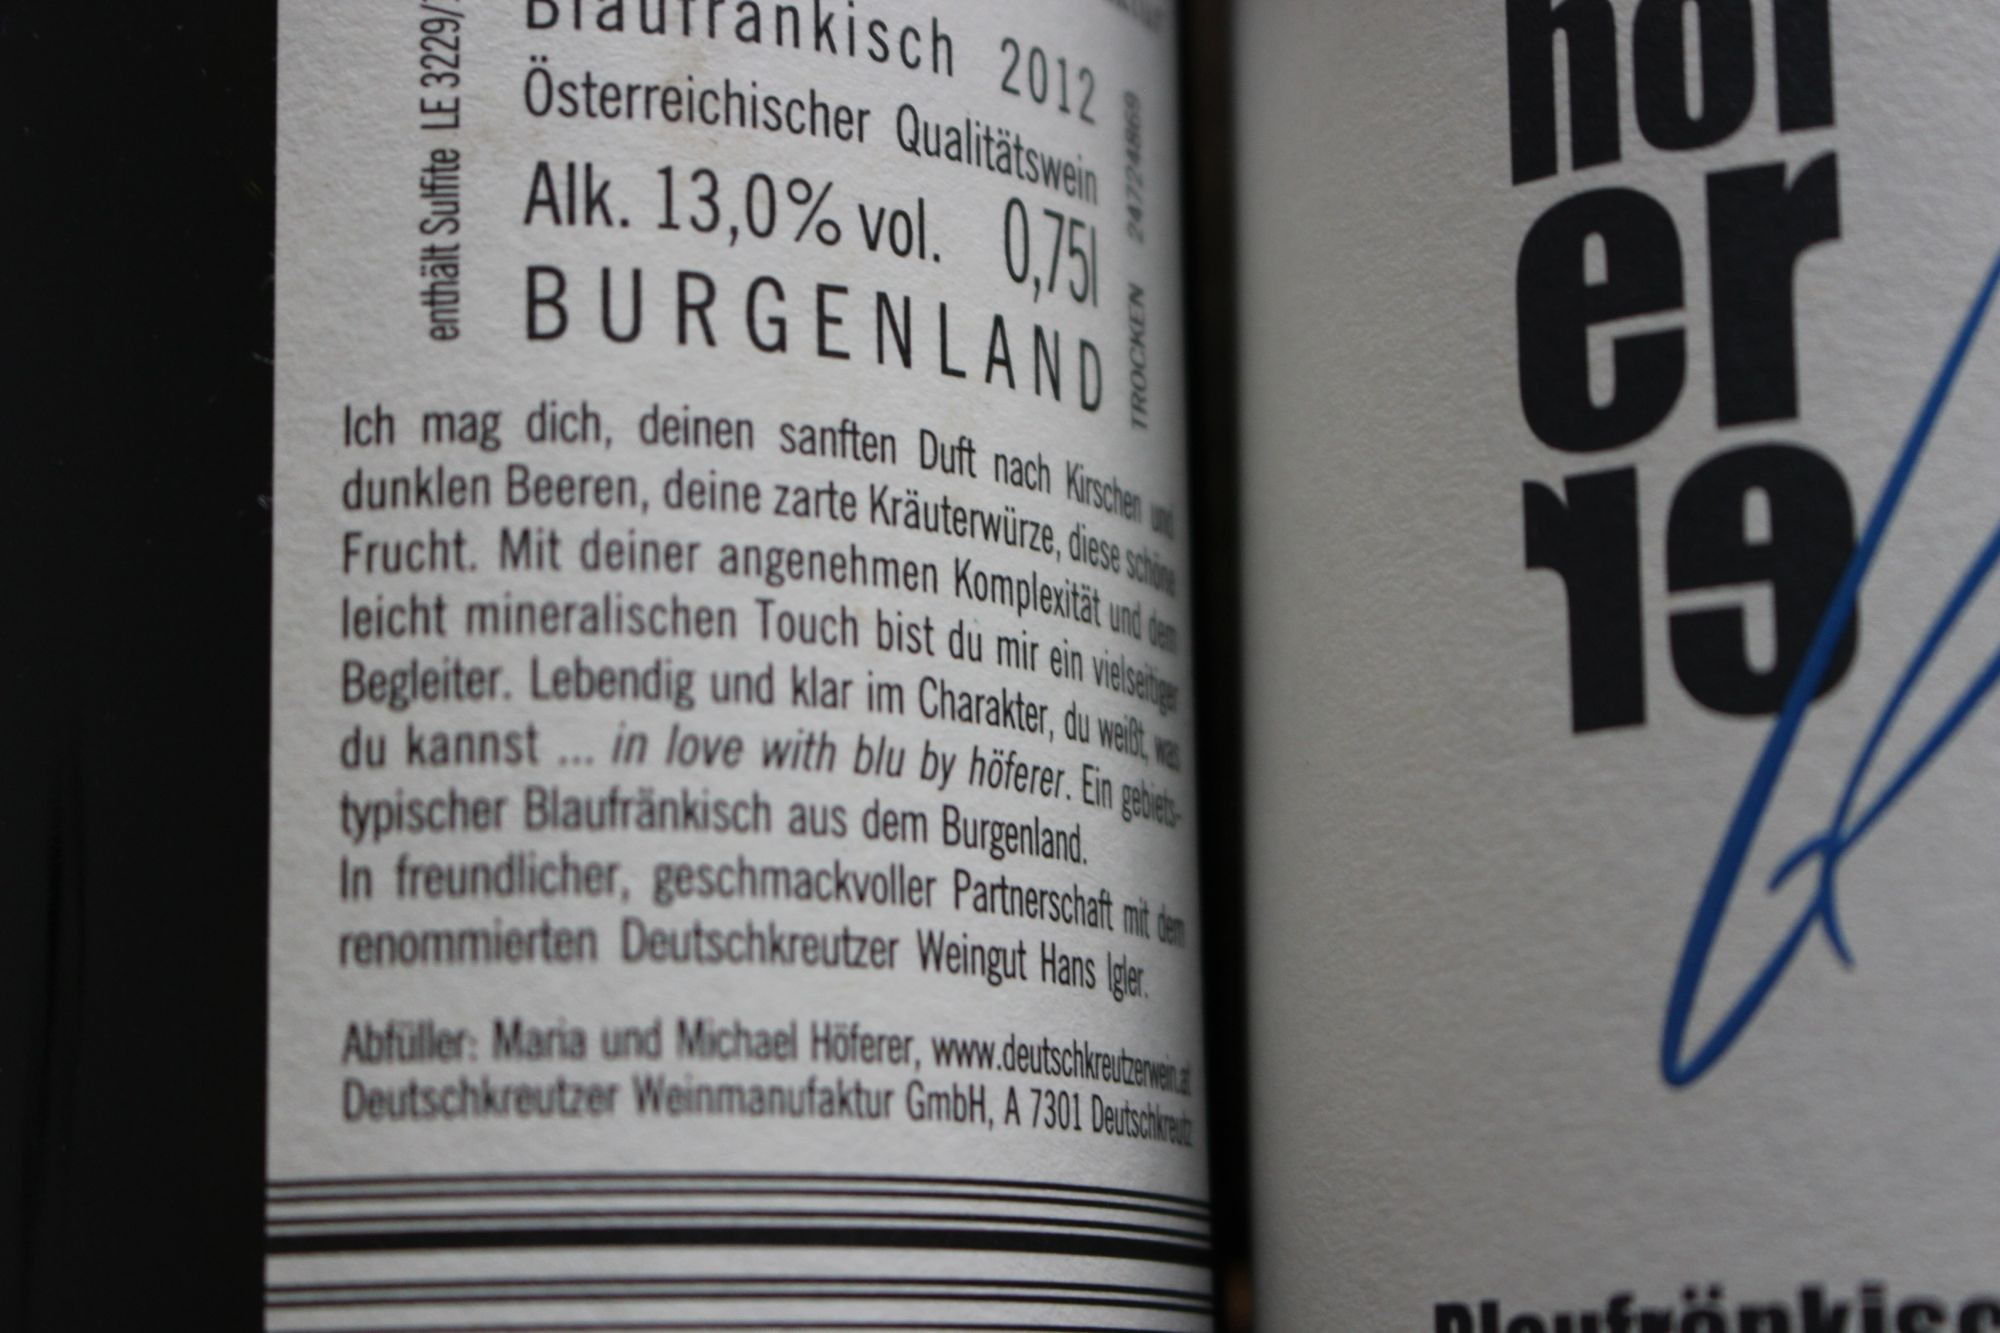 Weinlinie »blu« für die Deutschkreutzer Weinmanufaktur